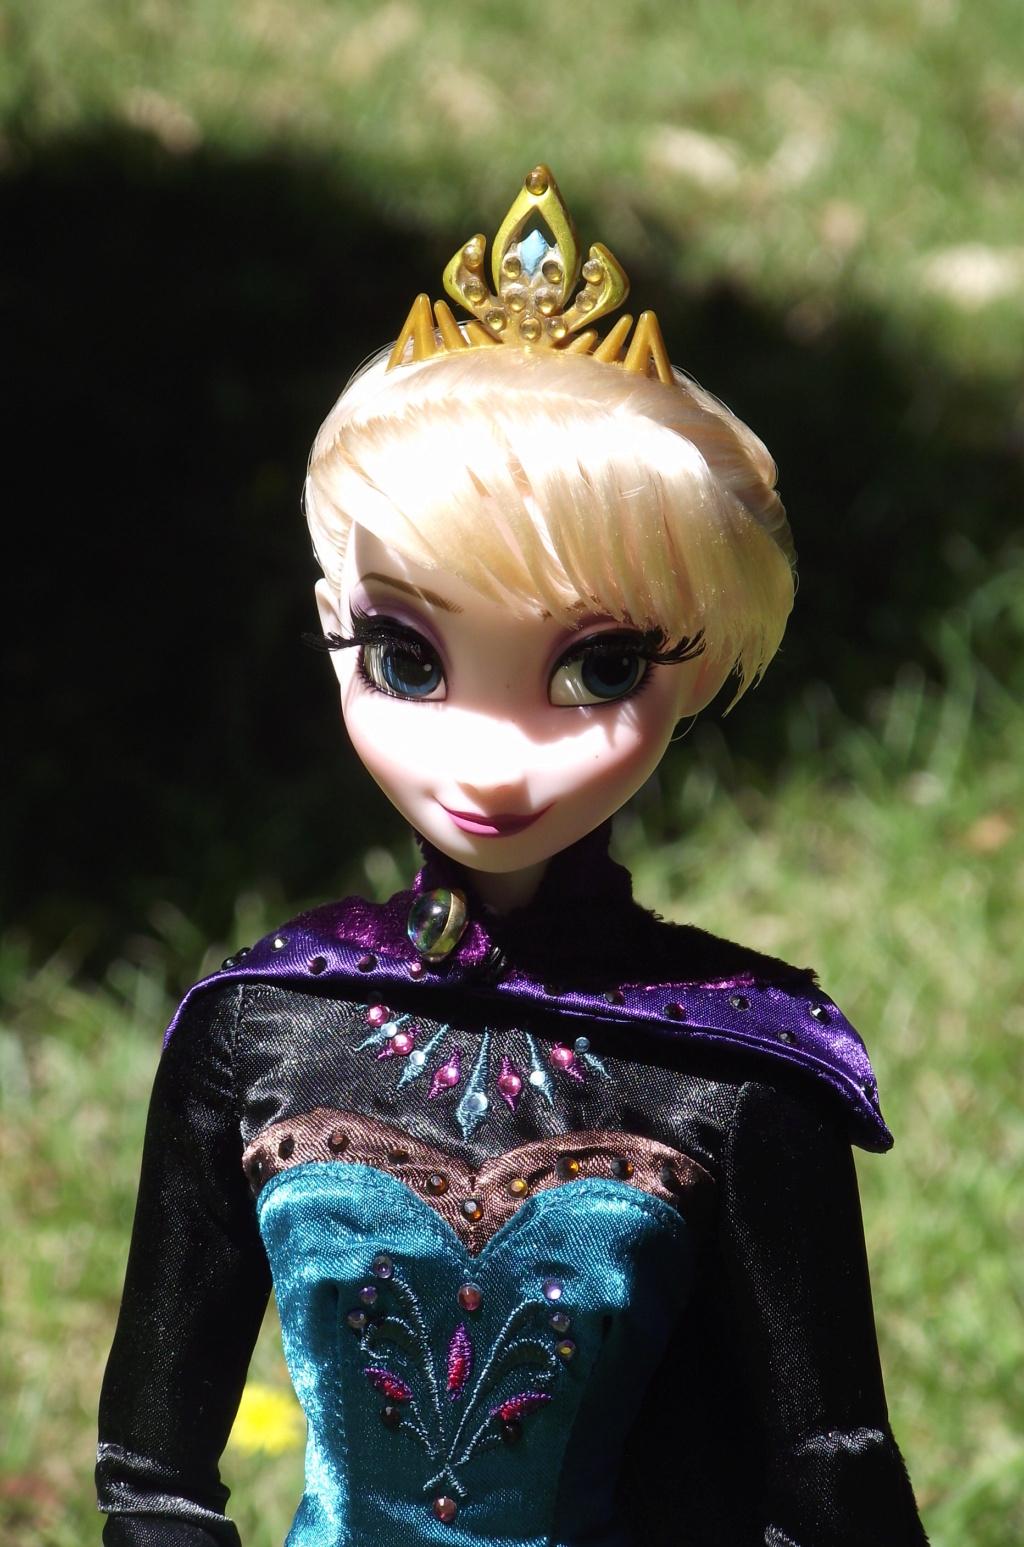 Nos poupées LE en photo : Pour le plaisir de partager - Page 29 Dscf4032